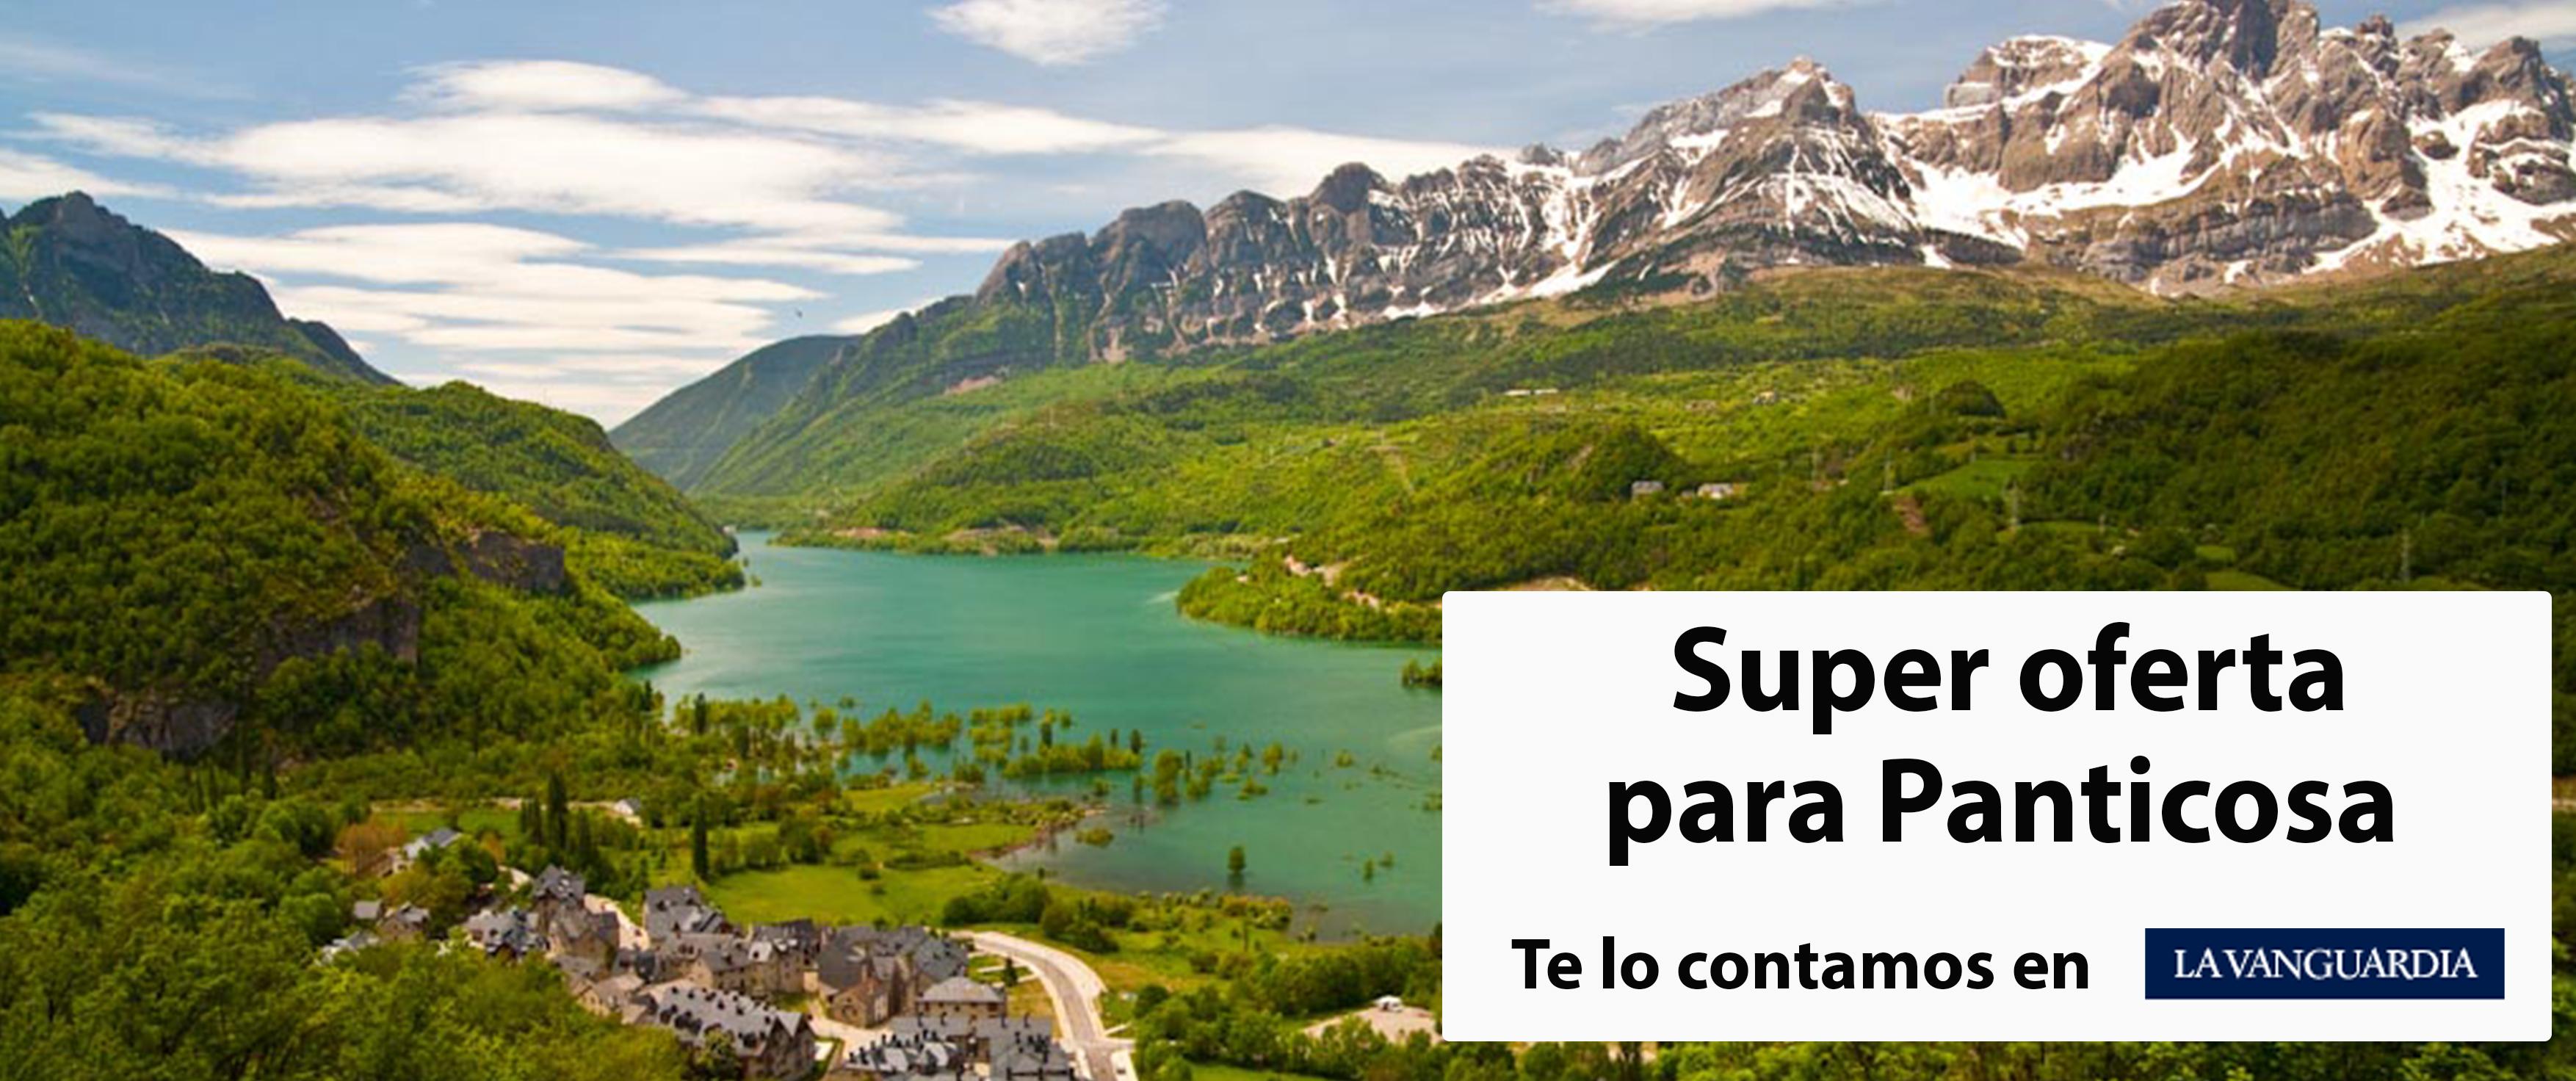 Salimos en La Vanguardia mostrando una super oferta para Panticosa